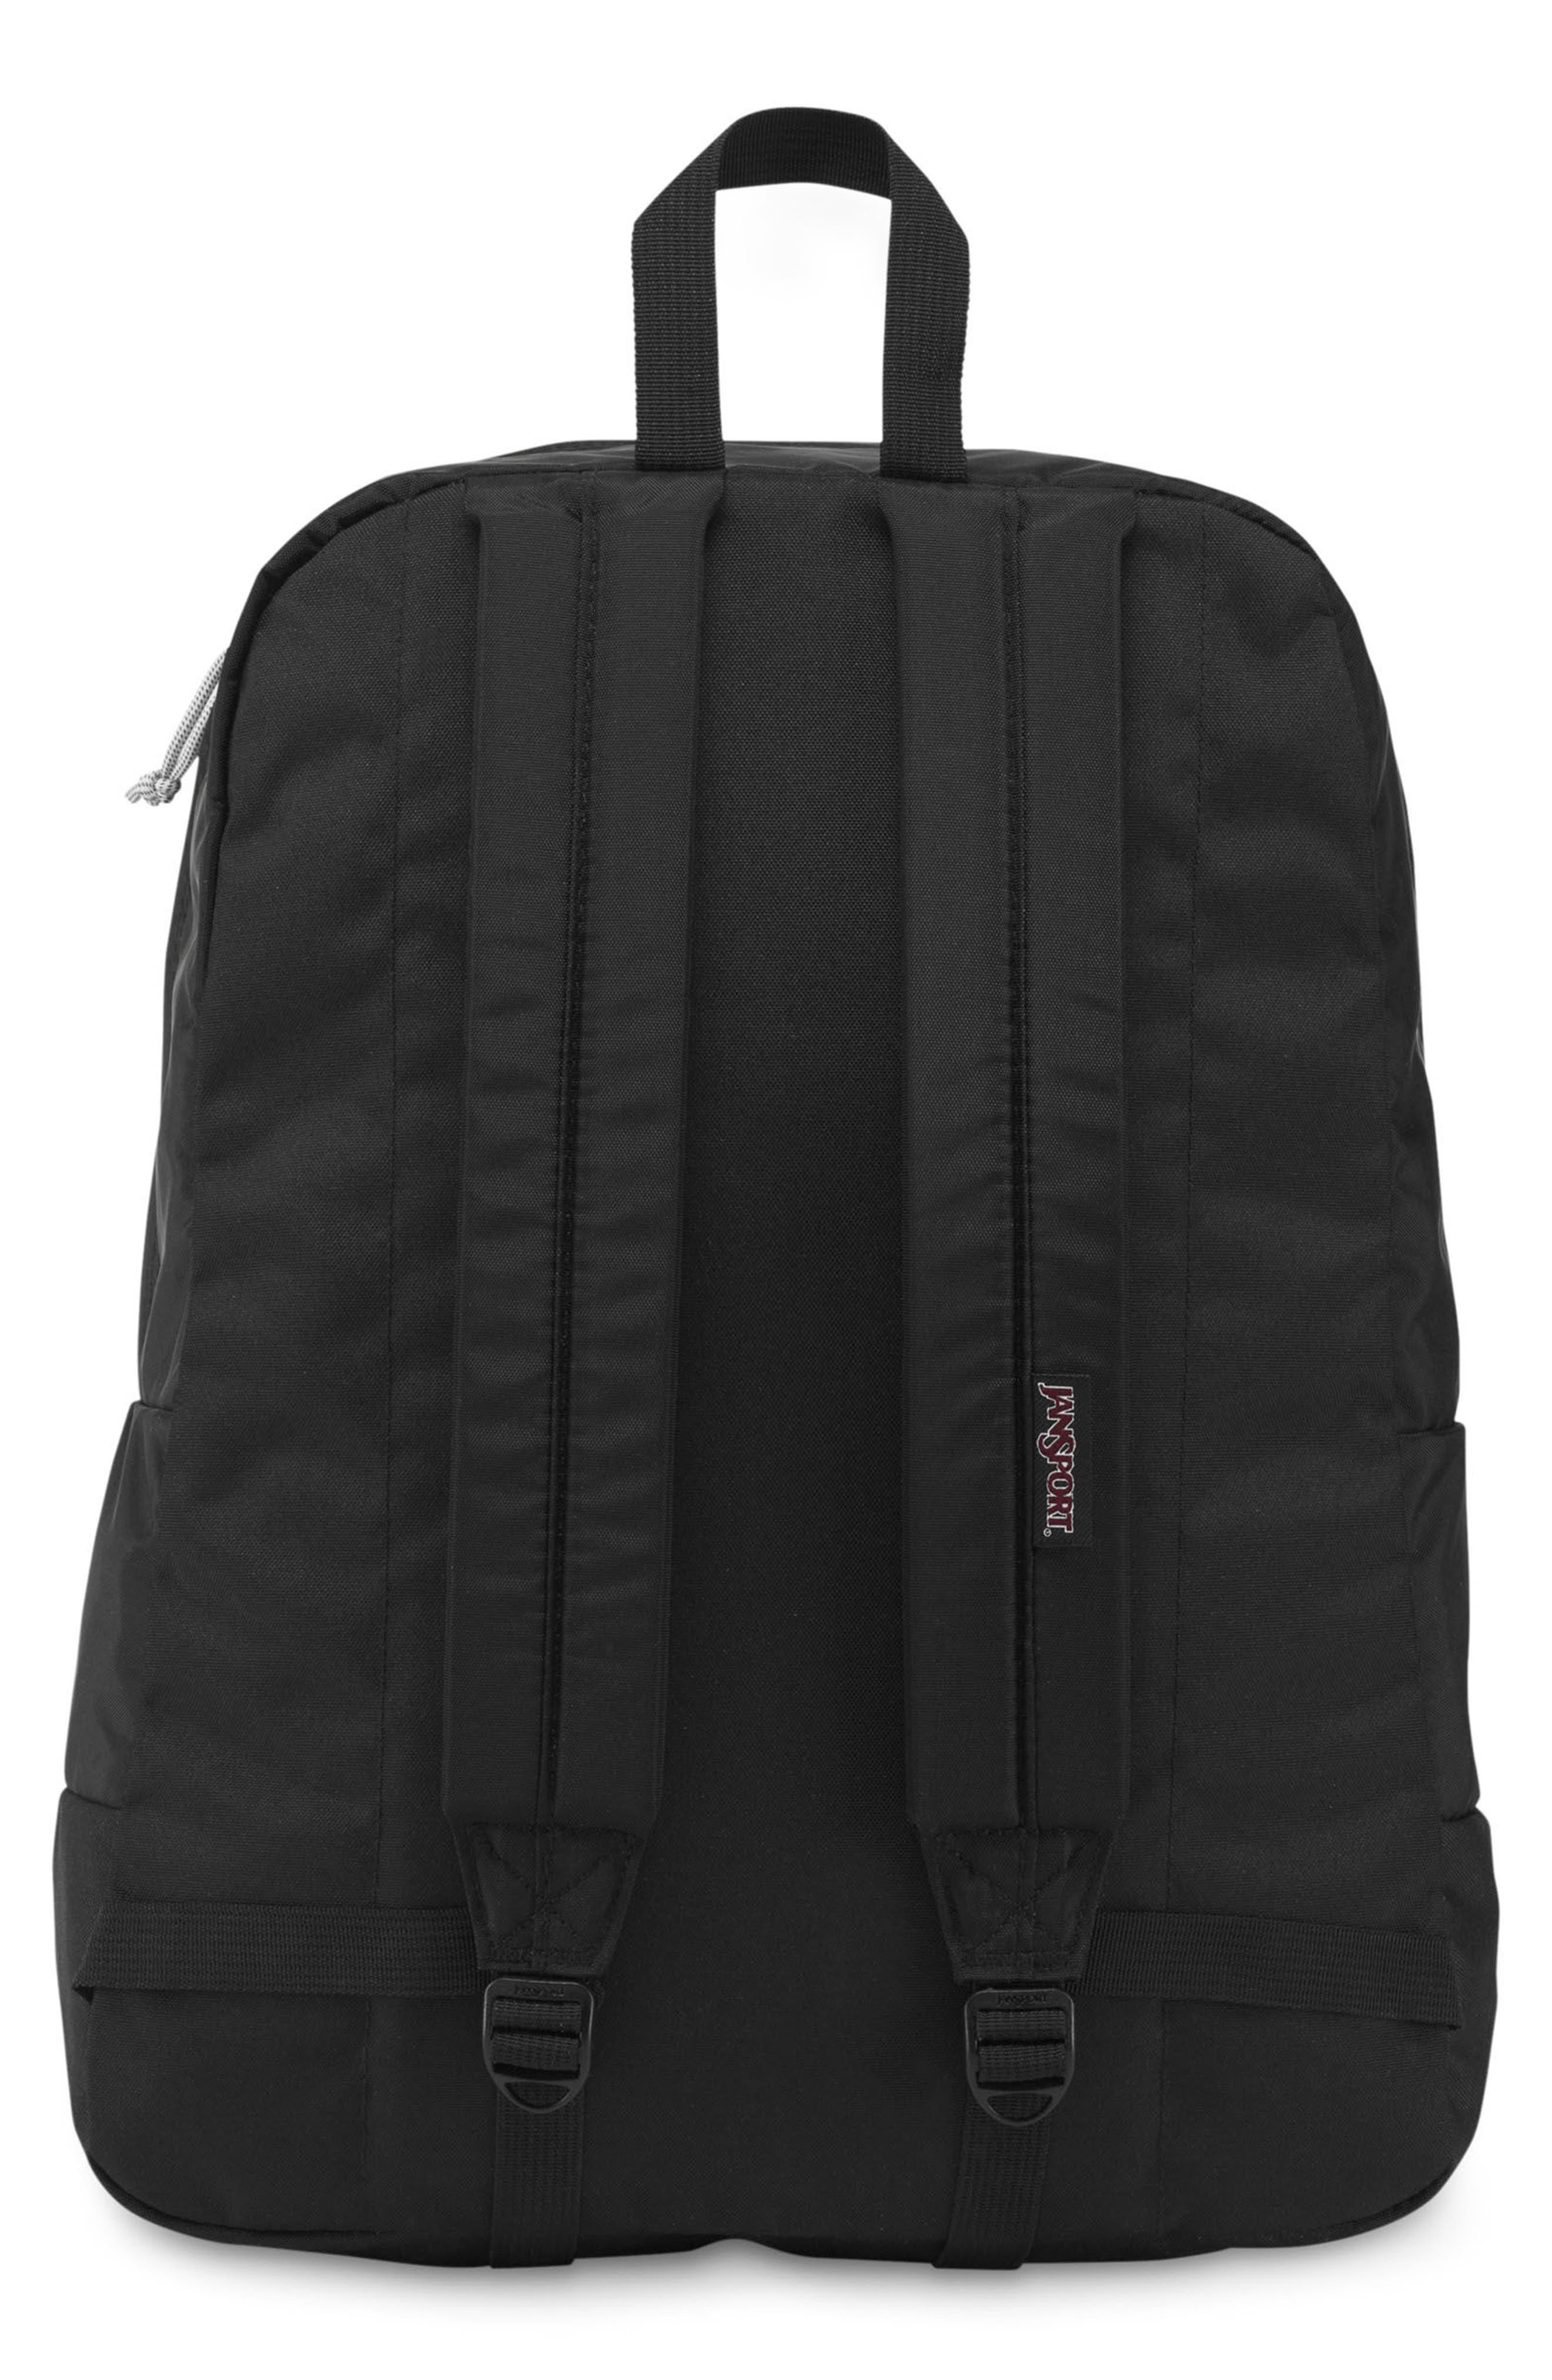 Black Label SuperBreak Backpack,                             Alternate thumbnail 2, color,                             Black